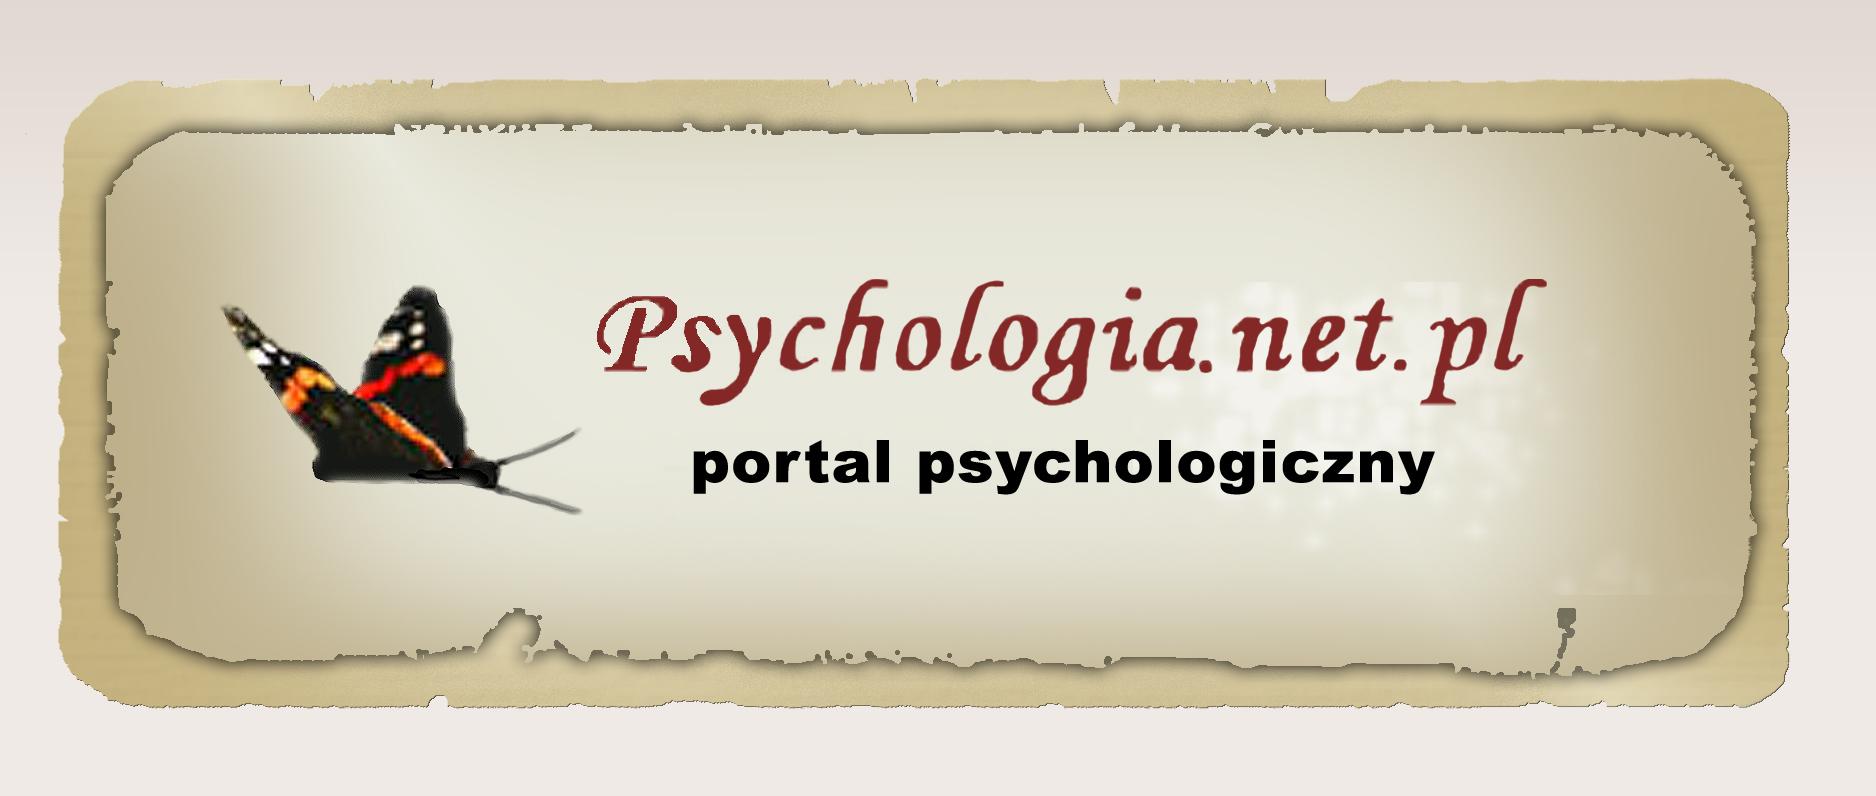 duze-logo-psychologia-net-pl